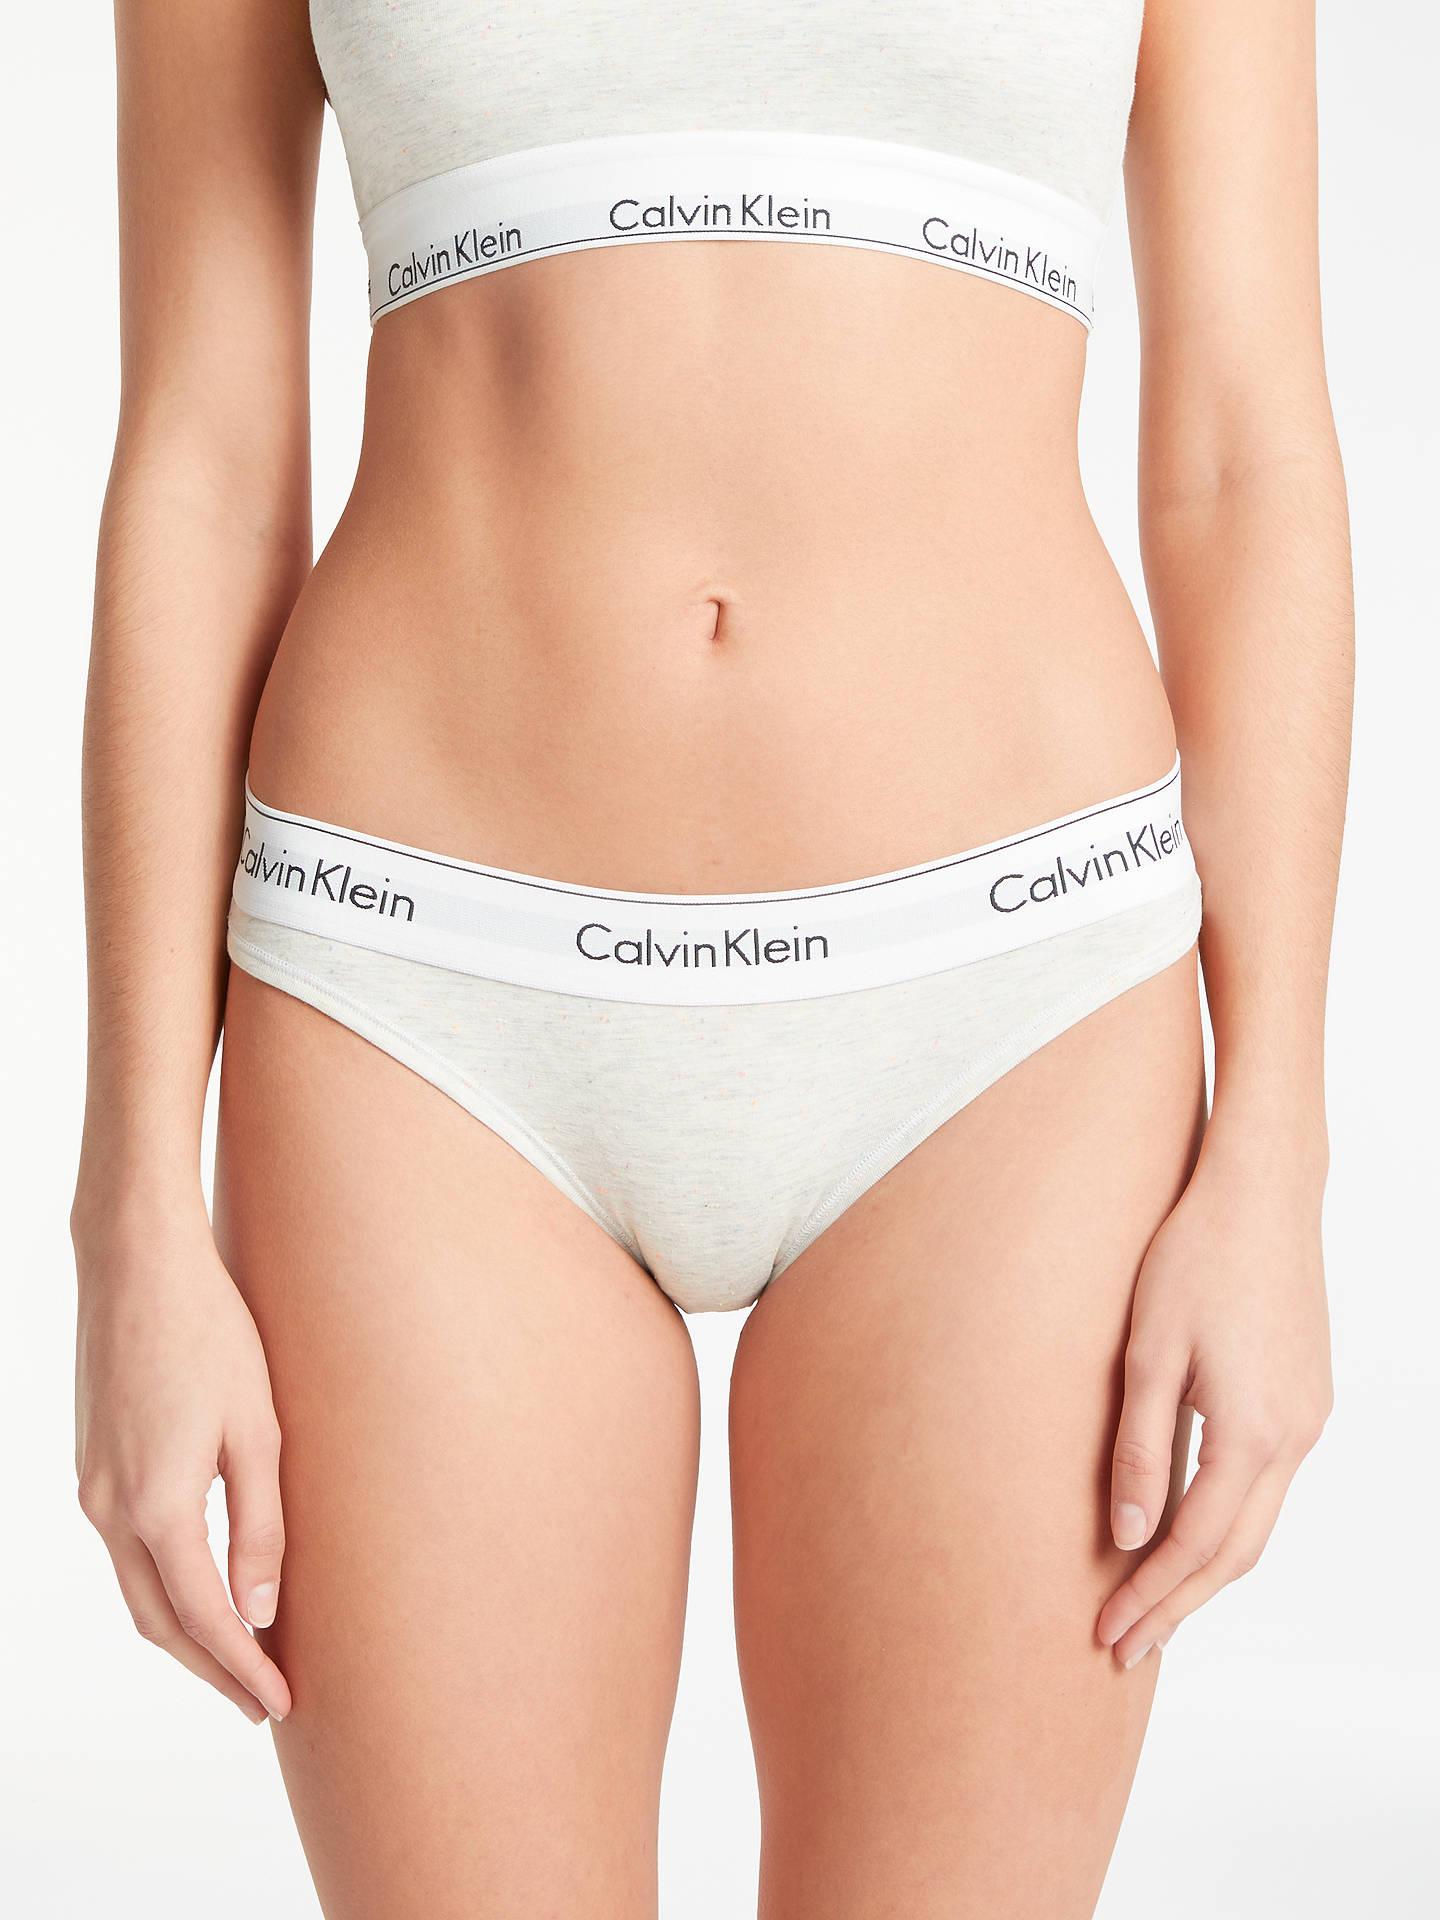 BuyCalvin Klein Underwear Modern Cotton Bikini Briefs a1f434f01